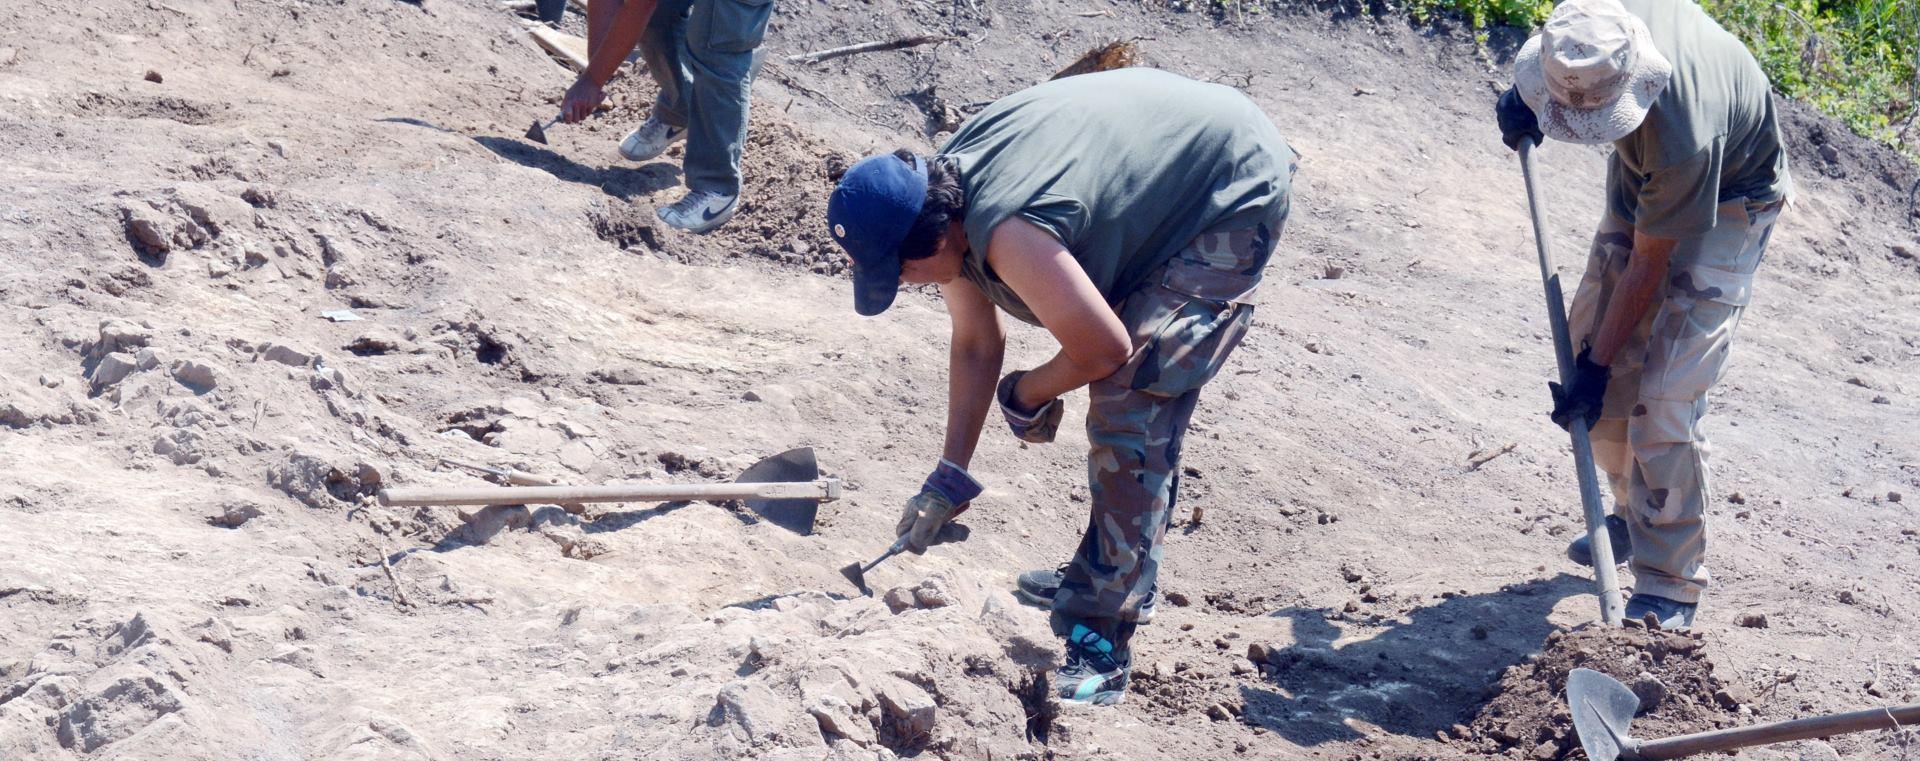 VIDEO: Otkrivena drevna grobnica u sjeverozapadnoj Kini